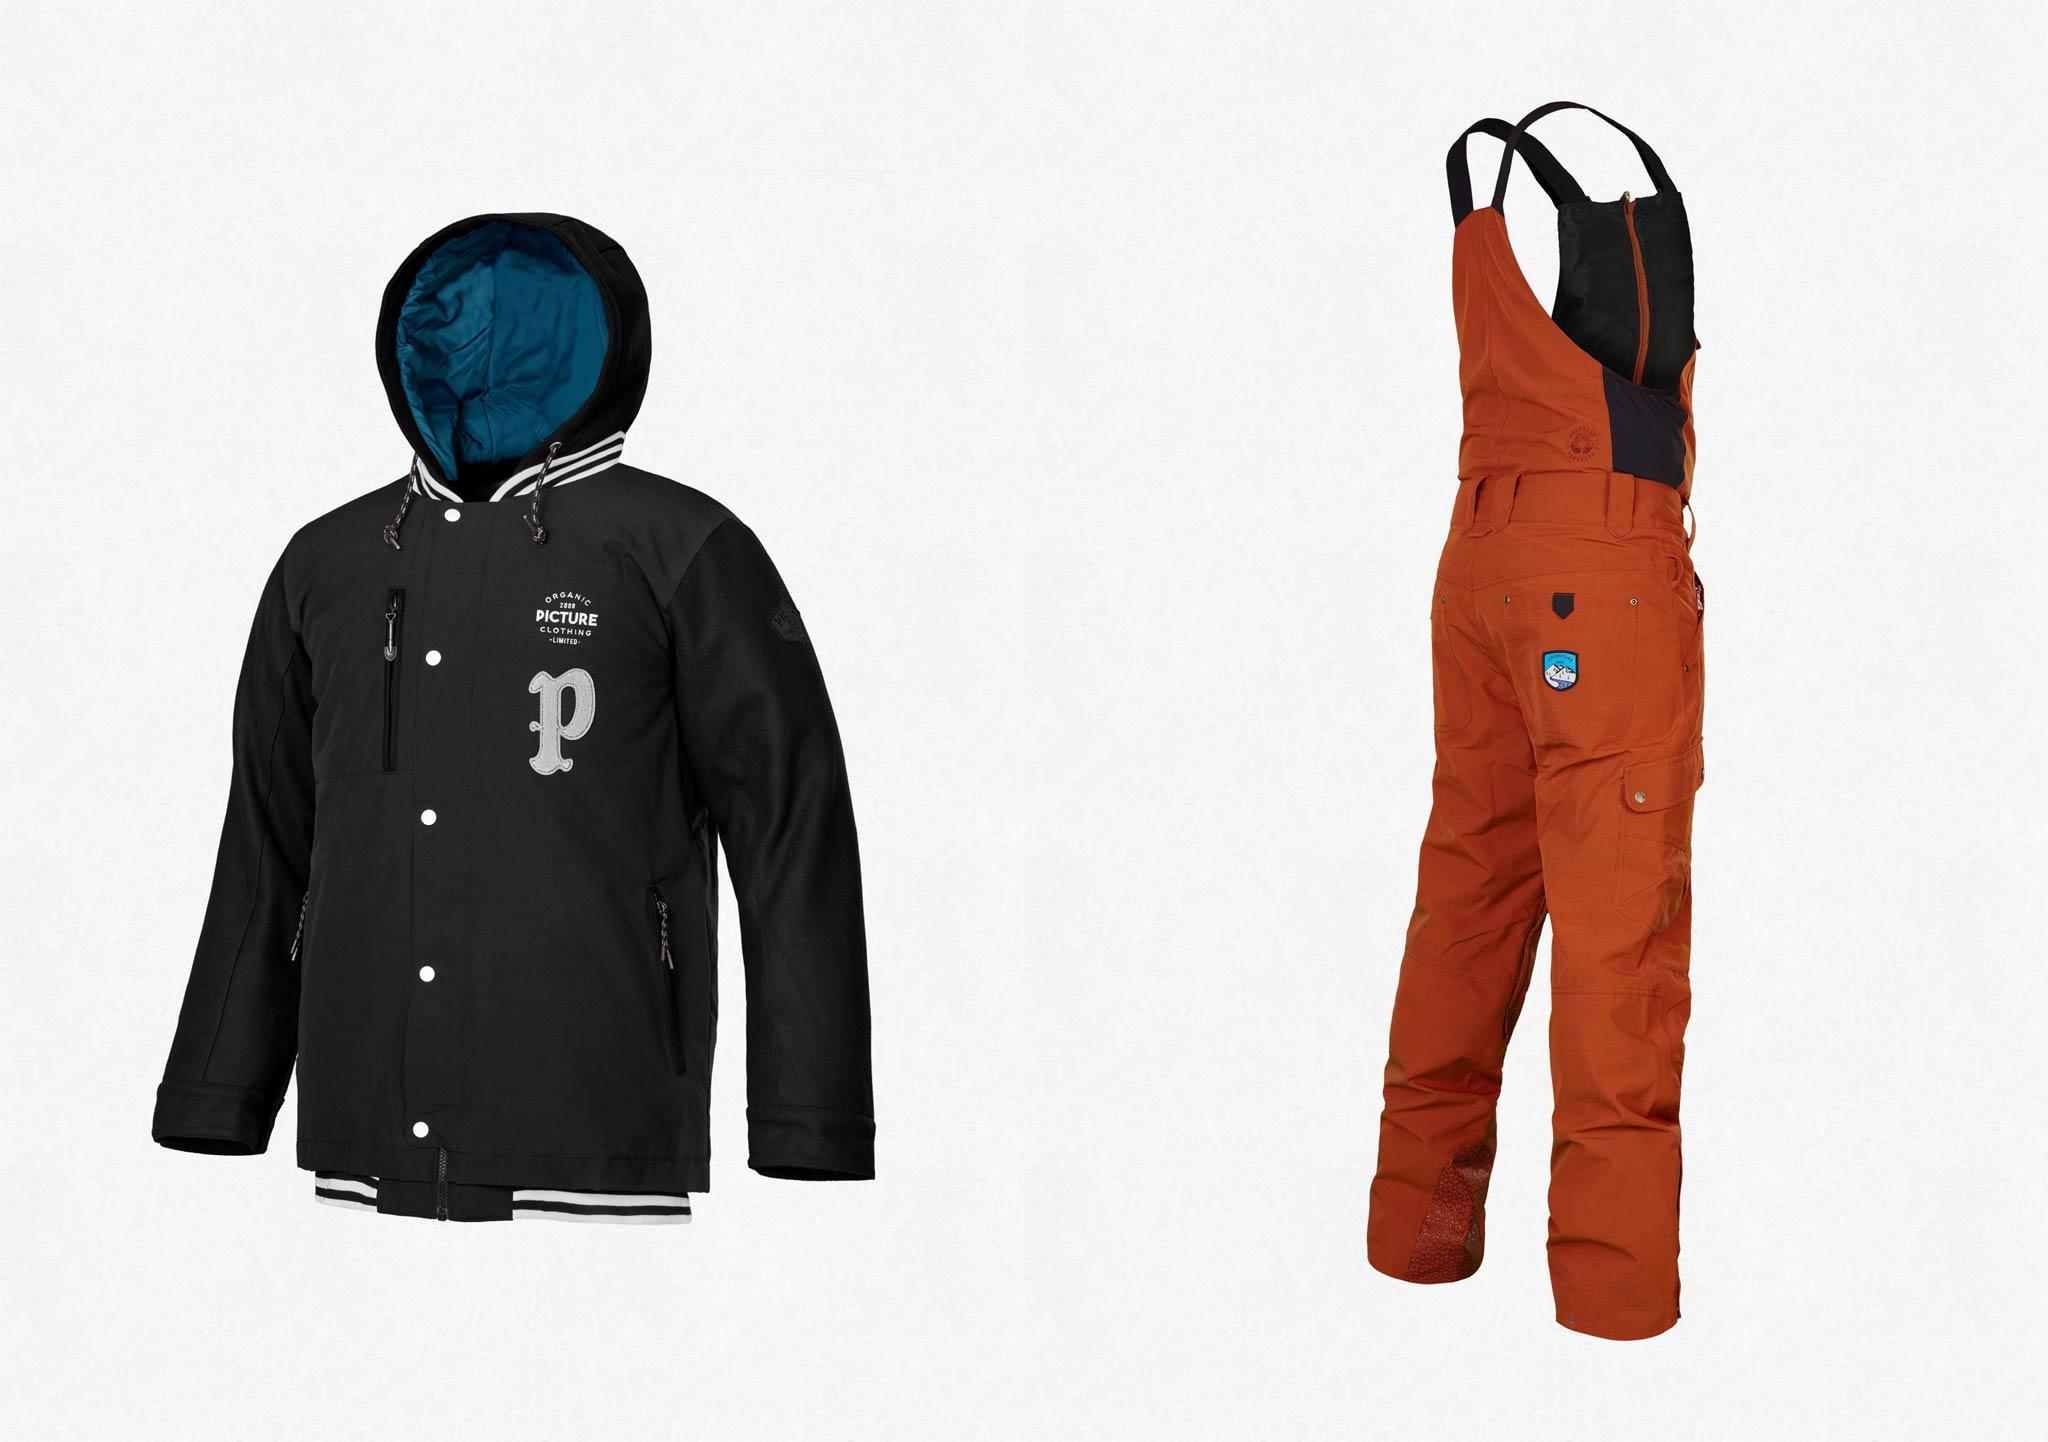 Diese Outerwear Kombo von Picture Organic Clothing verlosen wir unter allen Einsendungen für die PRIME Skiing Lesergalerie